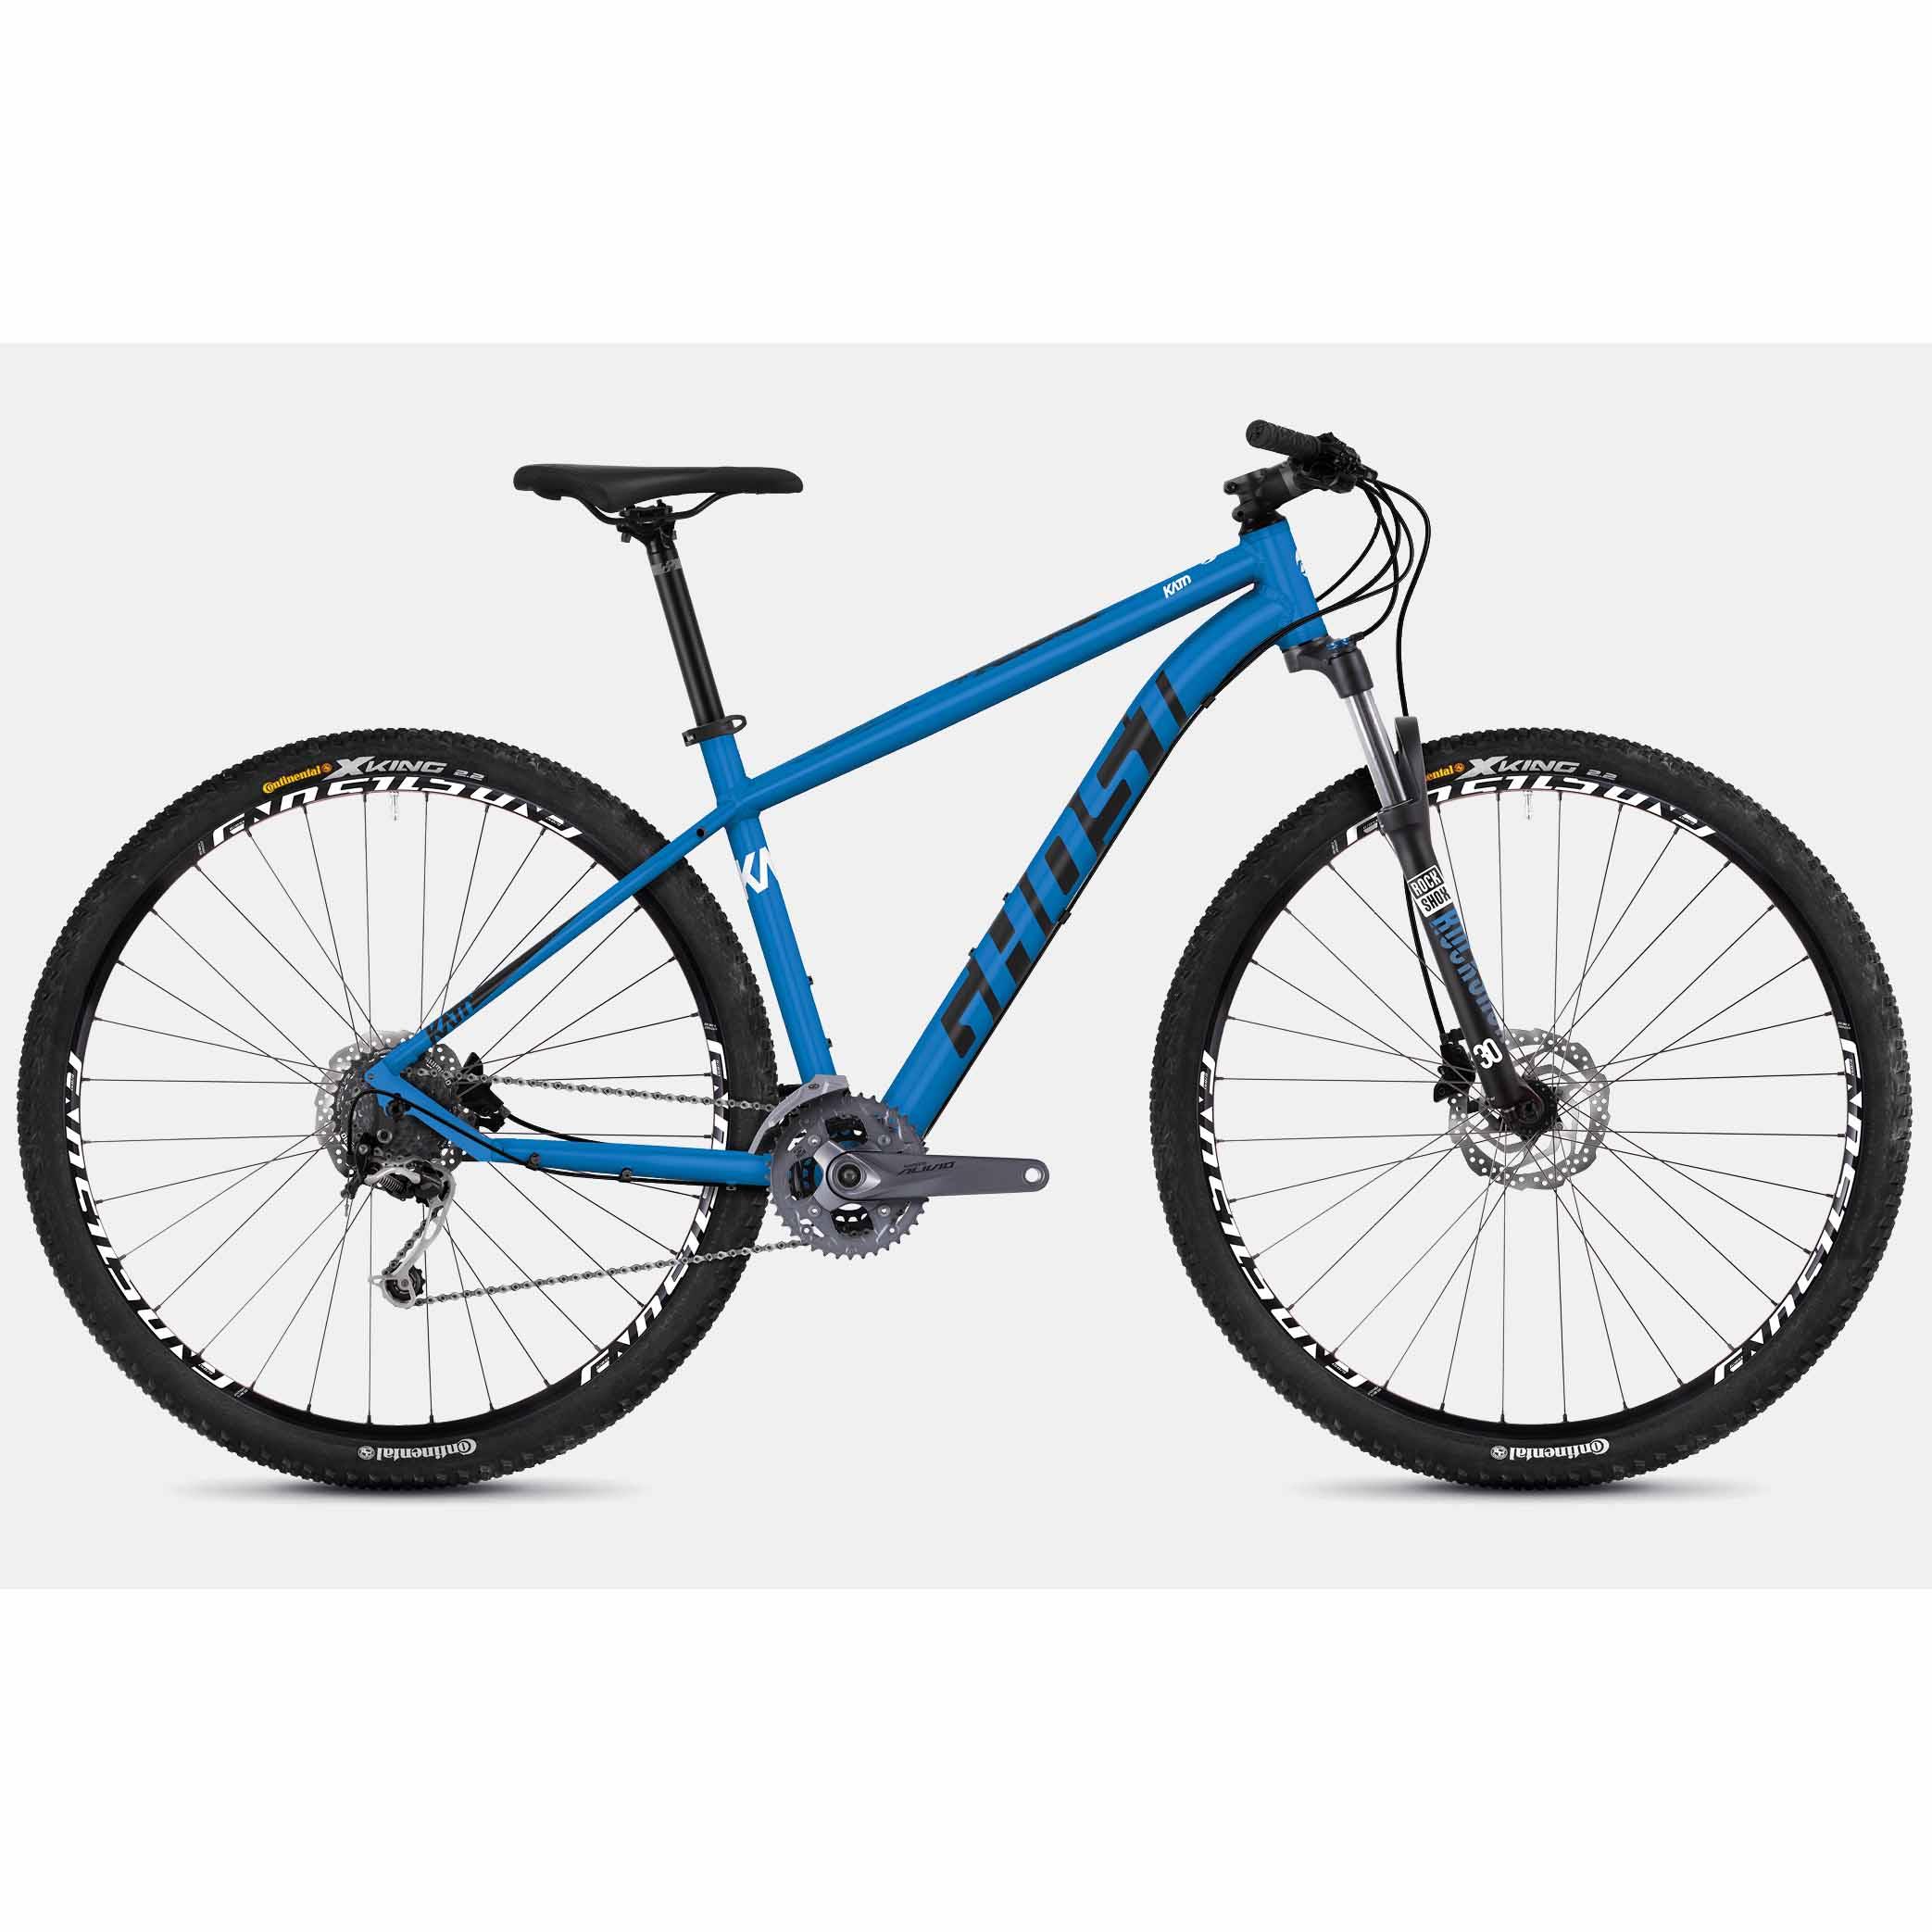 Фото Велосипед Ghost Kato 5.9 29″ , рама S, сине-черно-белый, 2019